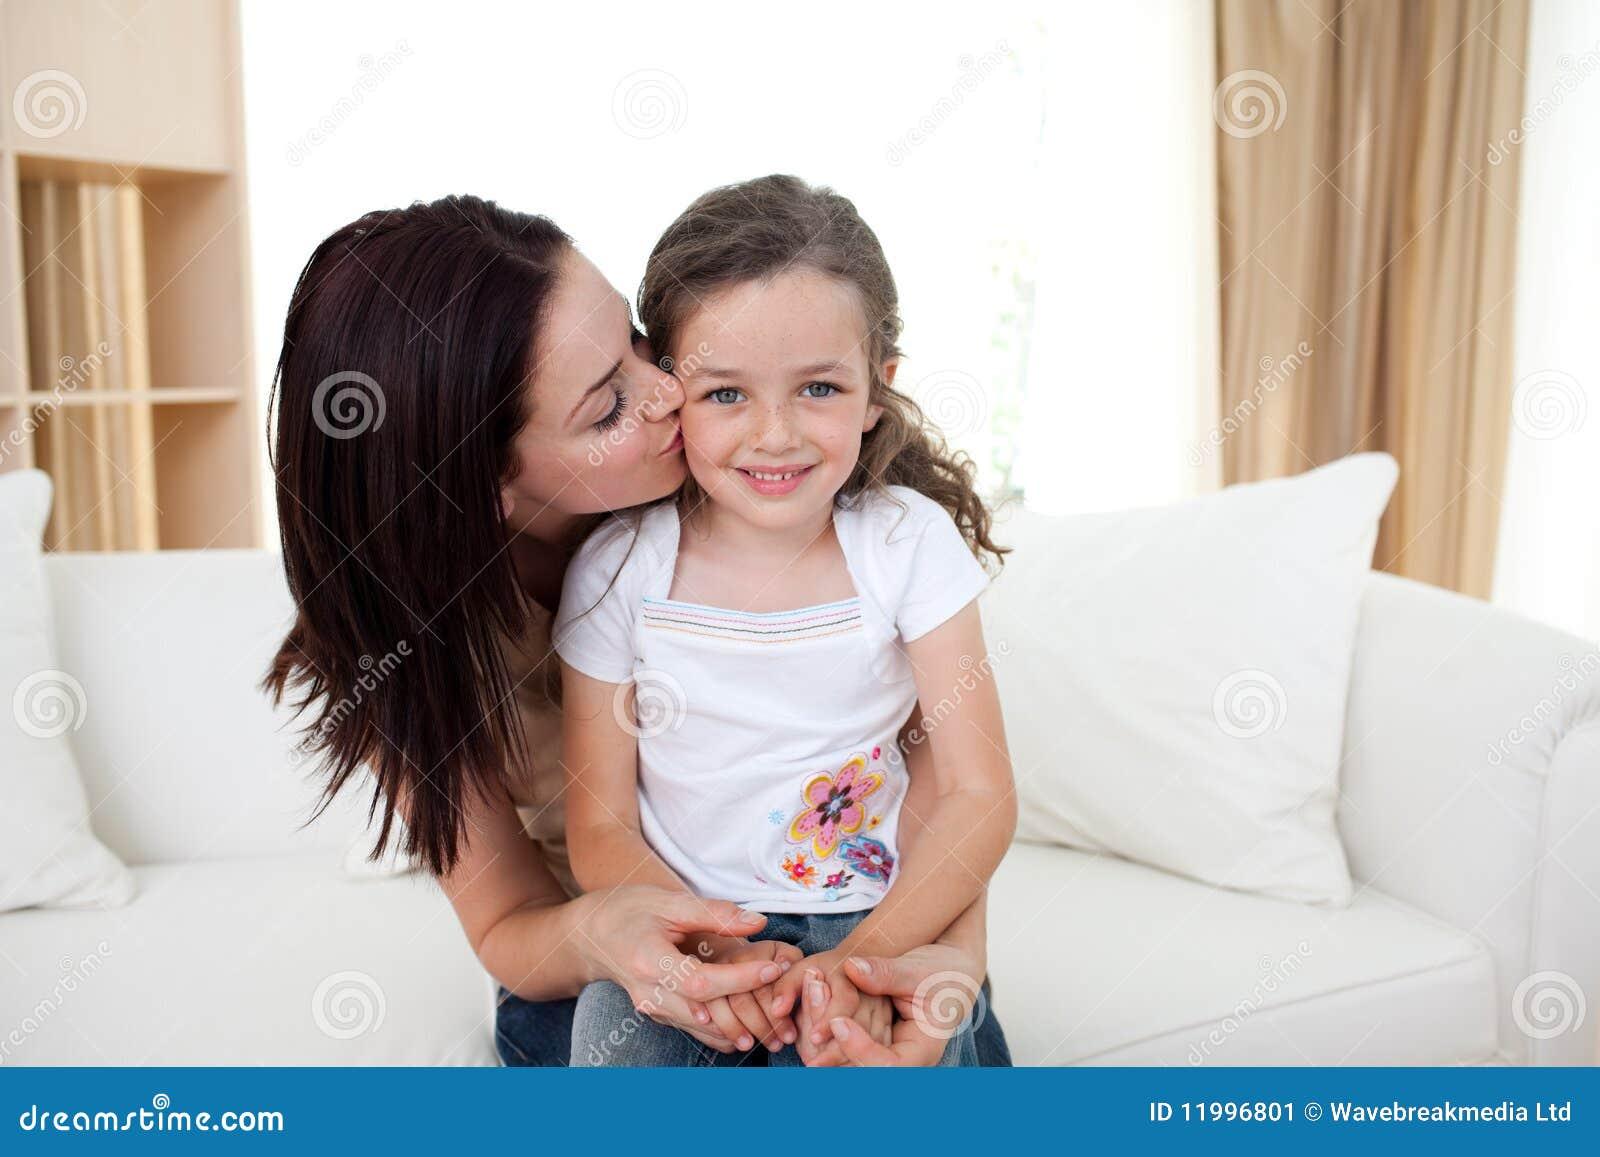 Целуется с дочкой 17 фотография